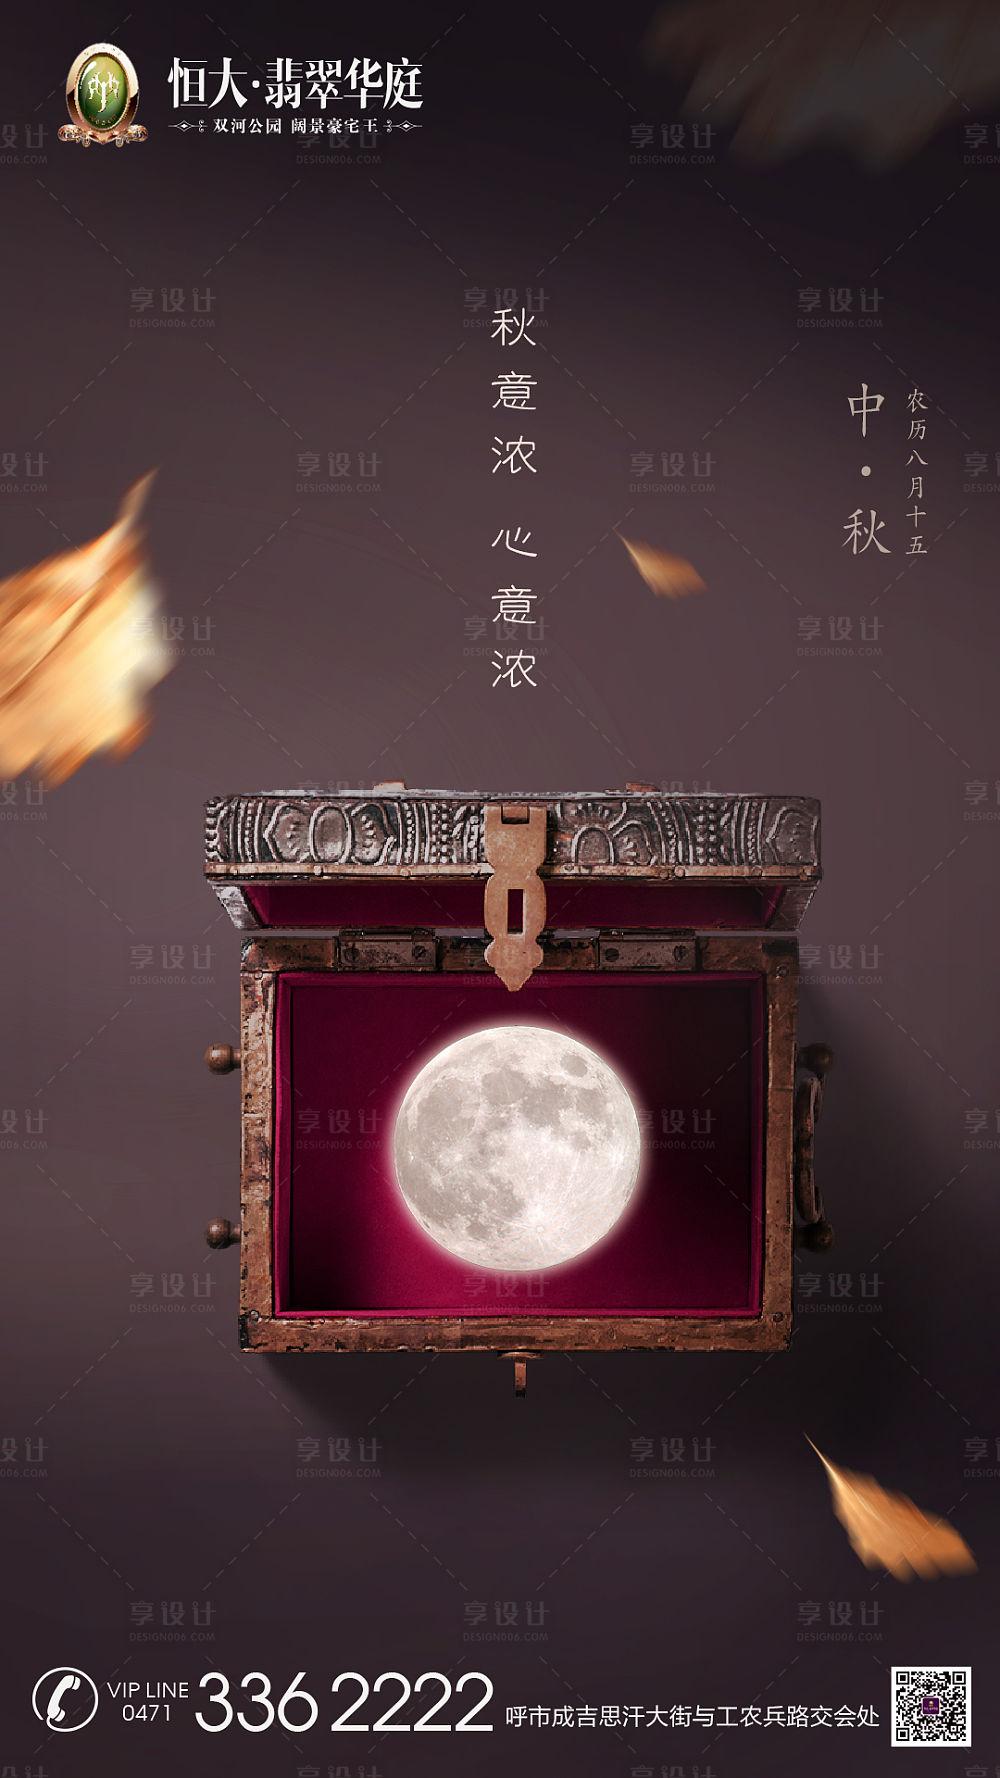 【源文件下载】 海报 房地产 中秋节 中国传统节日 月亮 盒子 秋天 落叶 创意